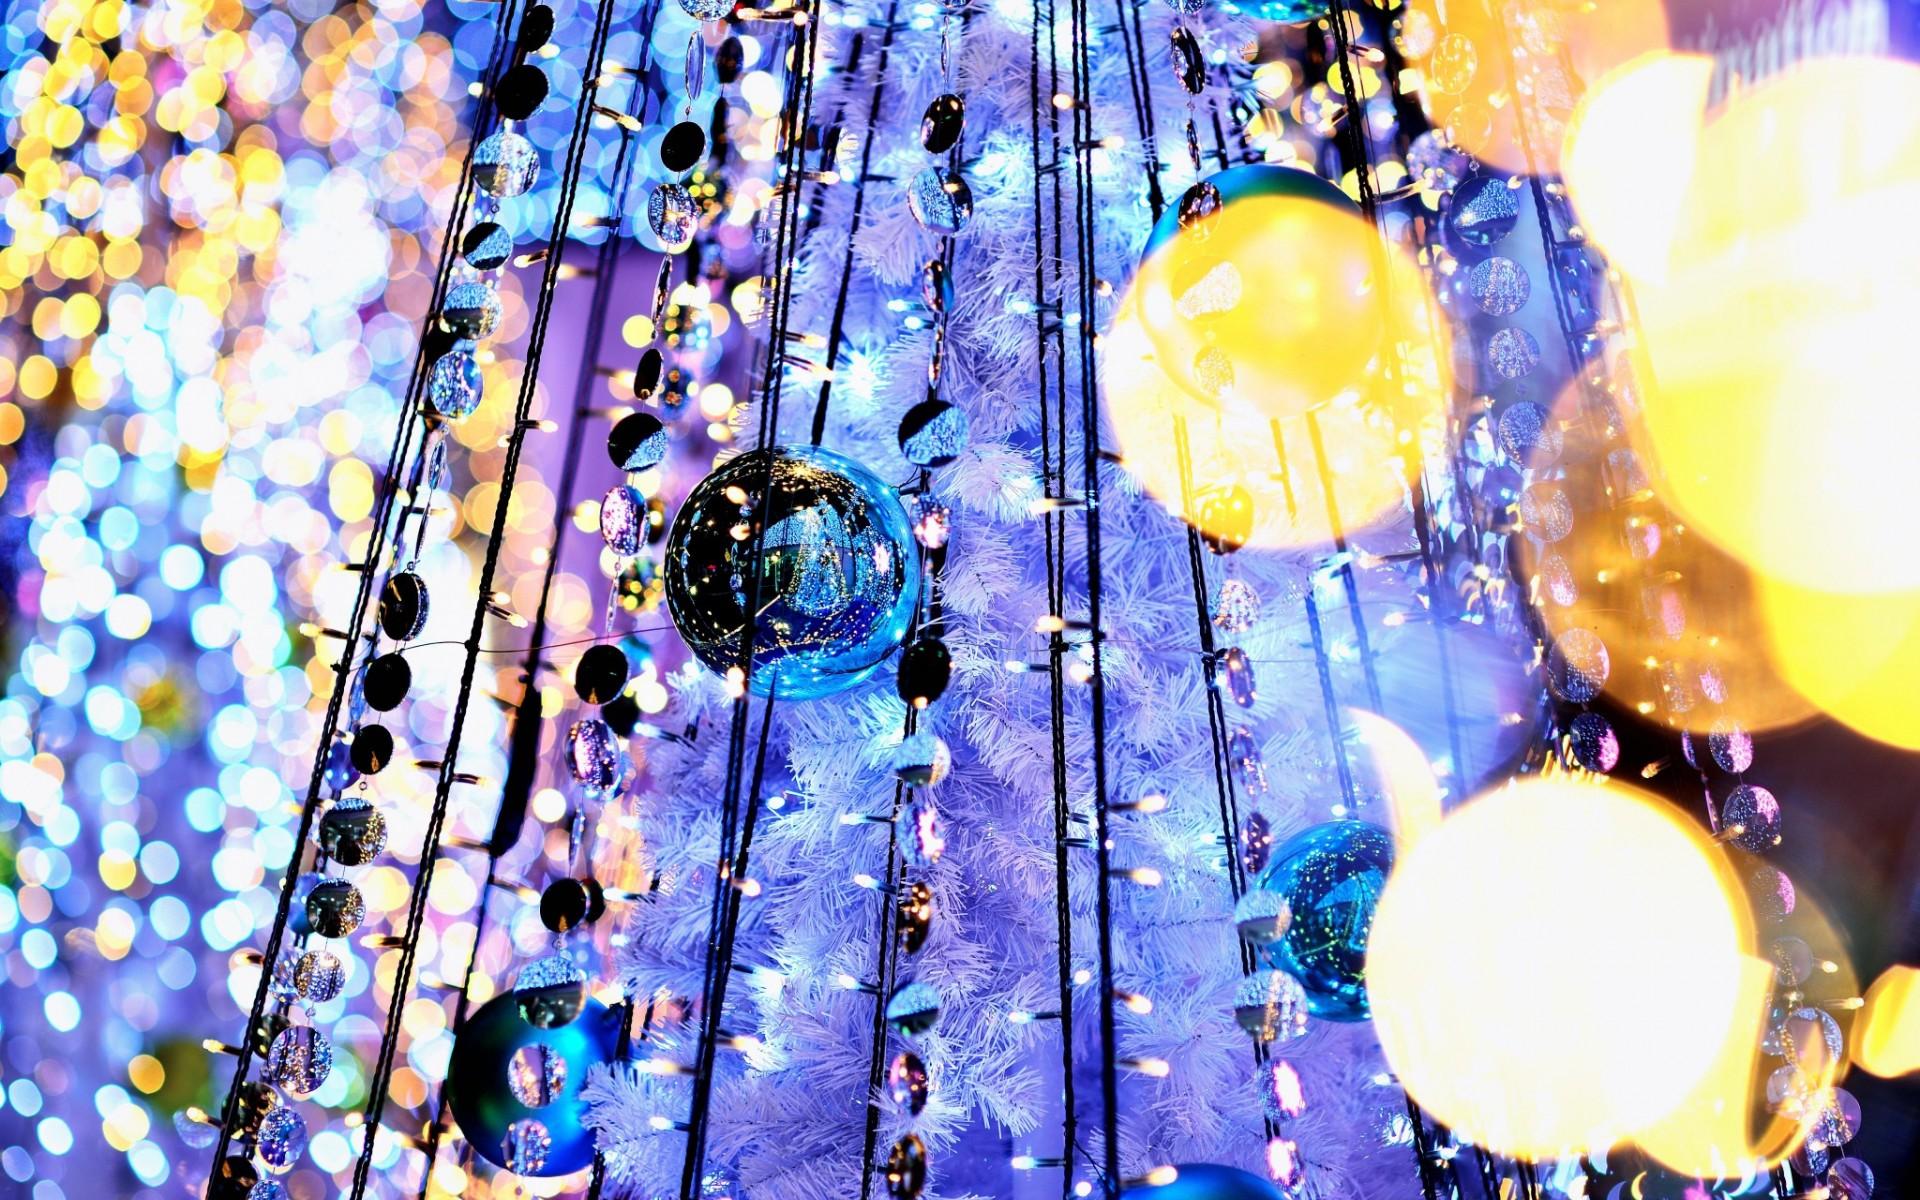 wallpaper : 1920x1200 px, balls, bokeh, garland, holiday, light